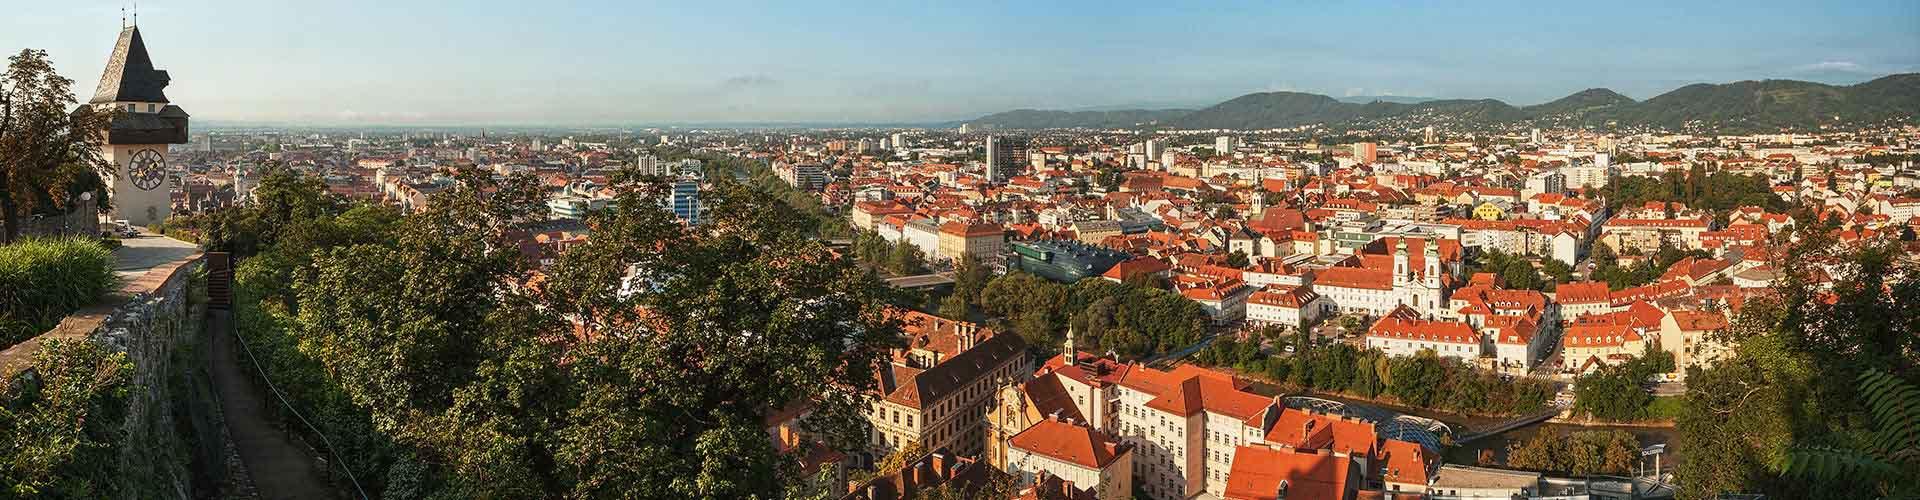 Graz - Appartments à Graz. Cartes pour Graz, photos et commentaires pour chaque appartement à Graz.